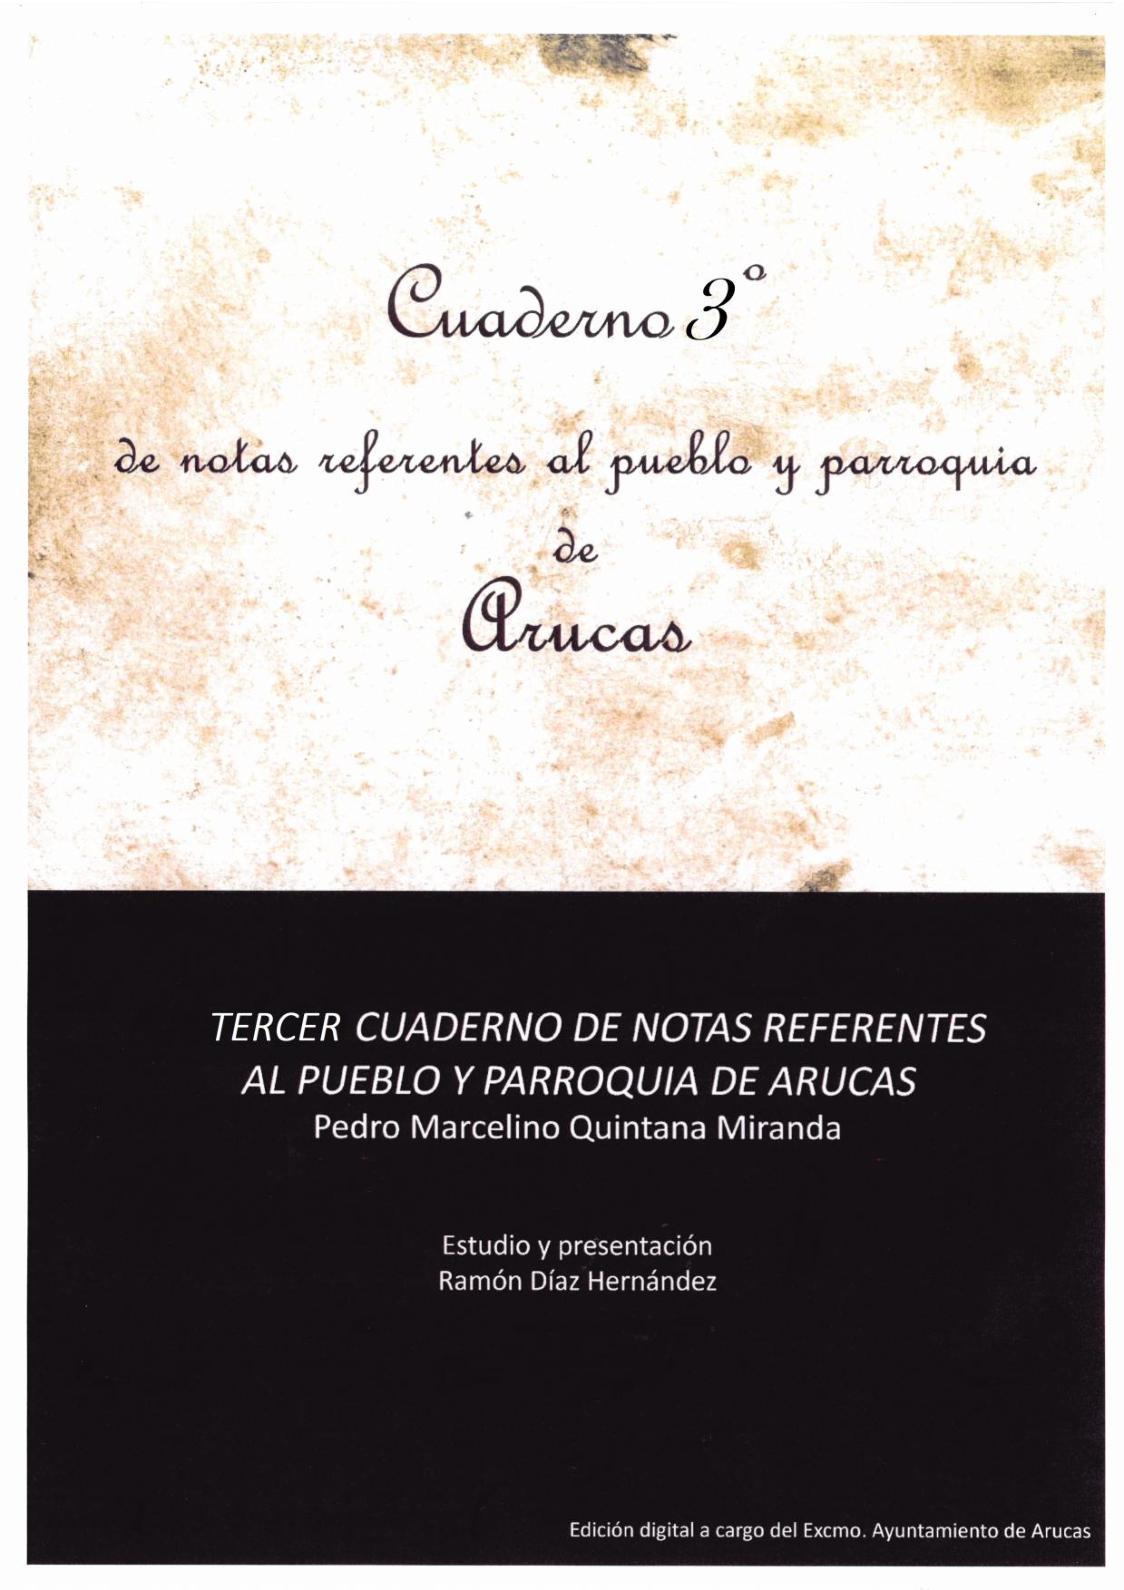 Calam O Cuaderno De Noticias Referentes Al Pueblo Y Parroquia De  # Muebles Naranjo Ingenio